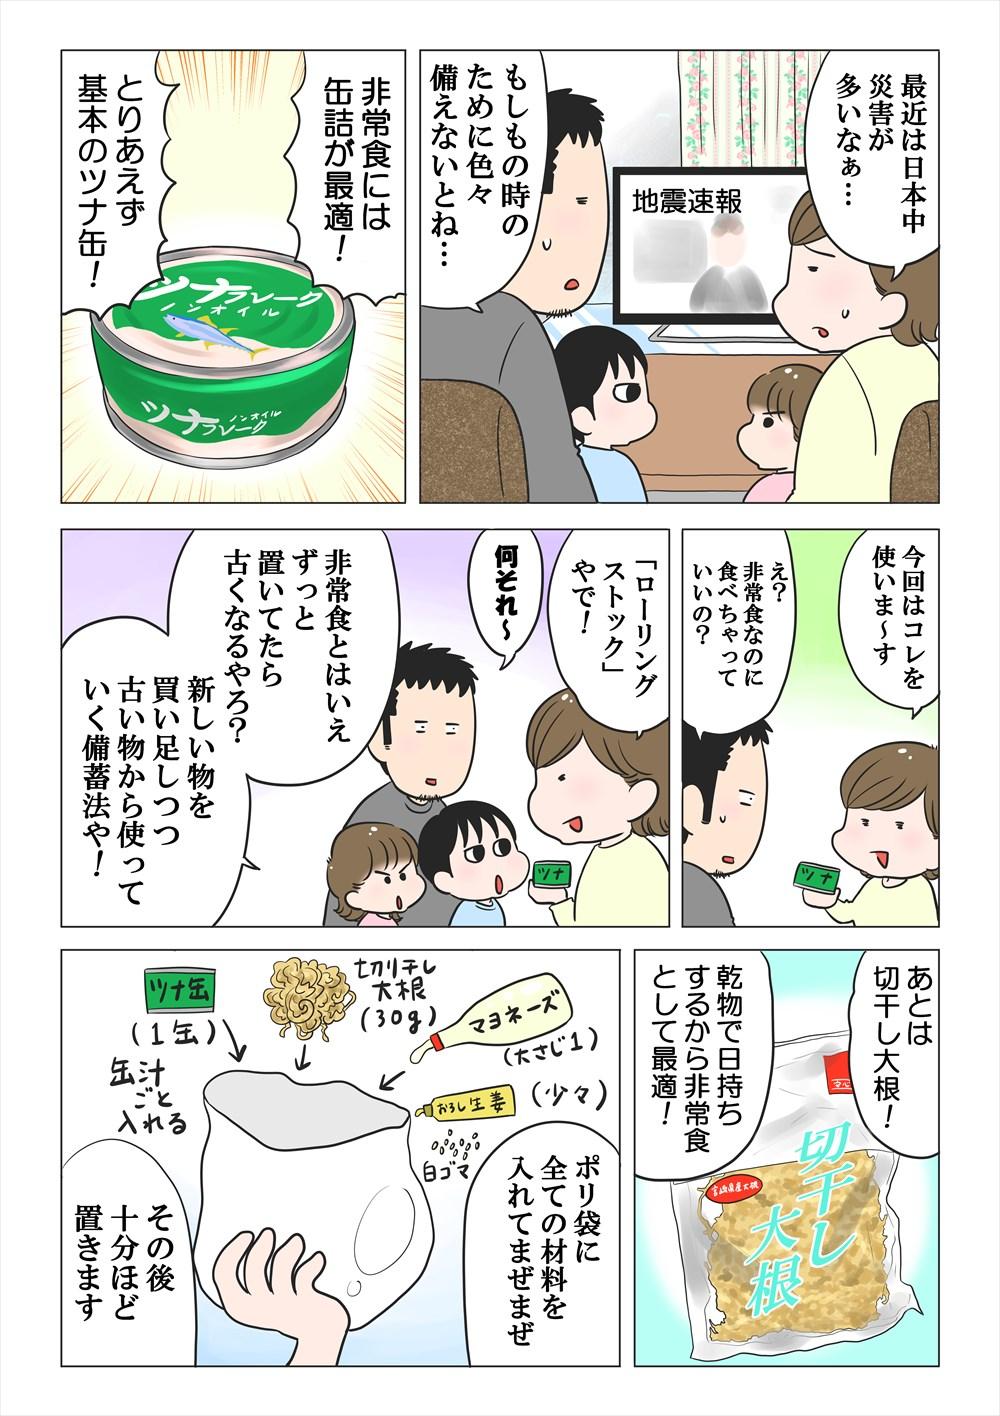 きょうの缶詰なに食べる?_001_R